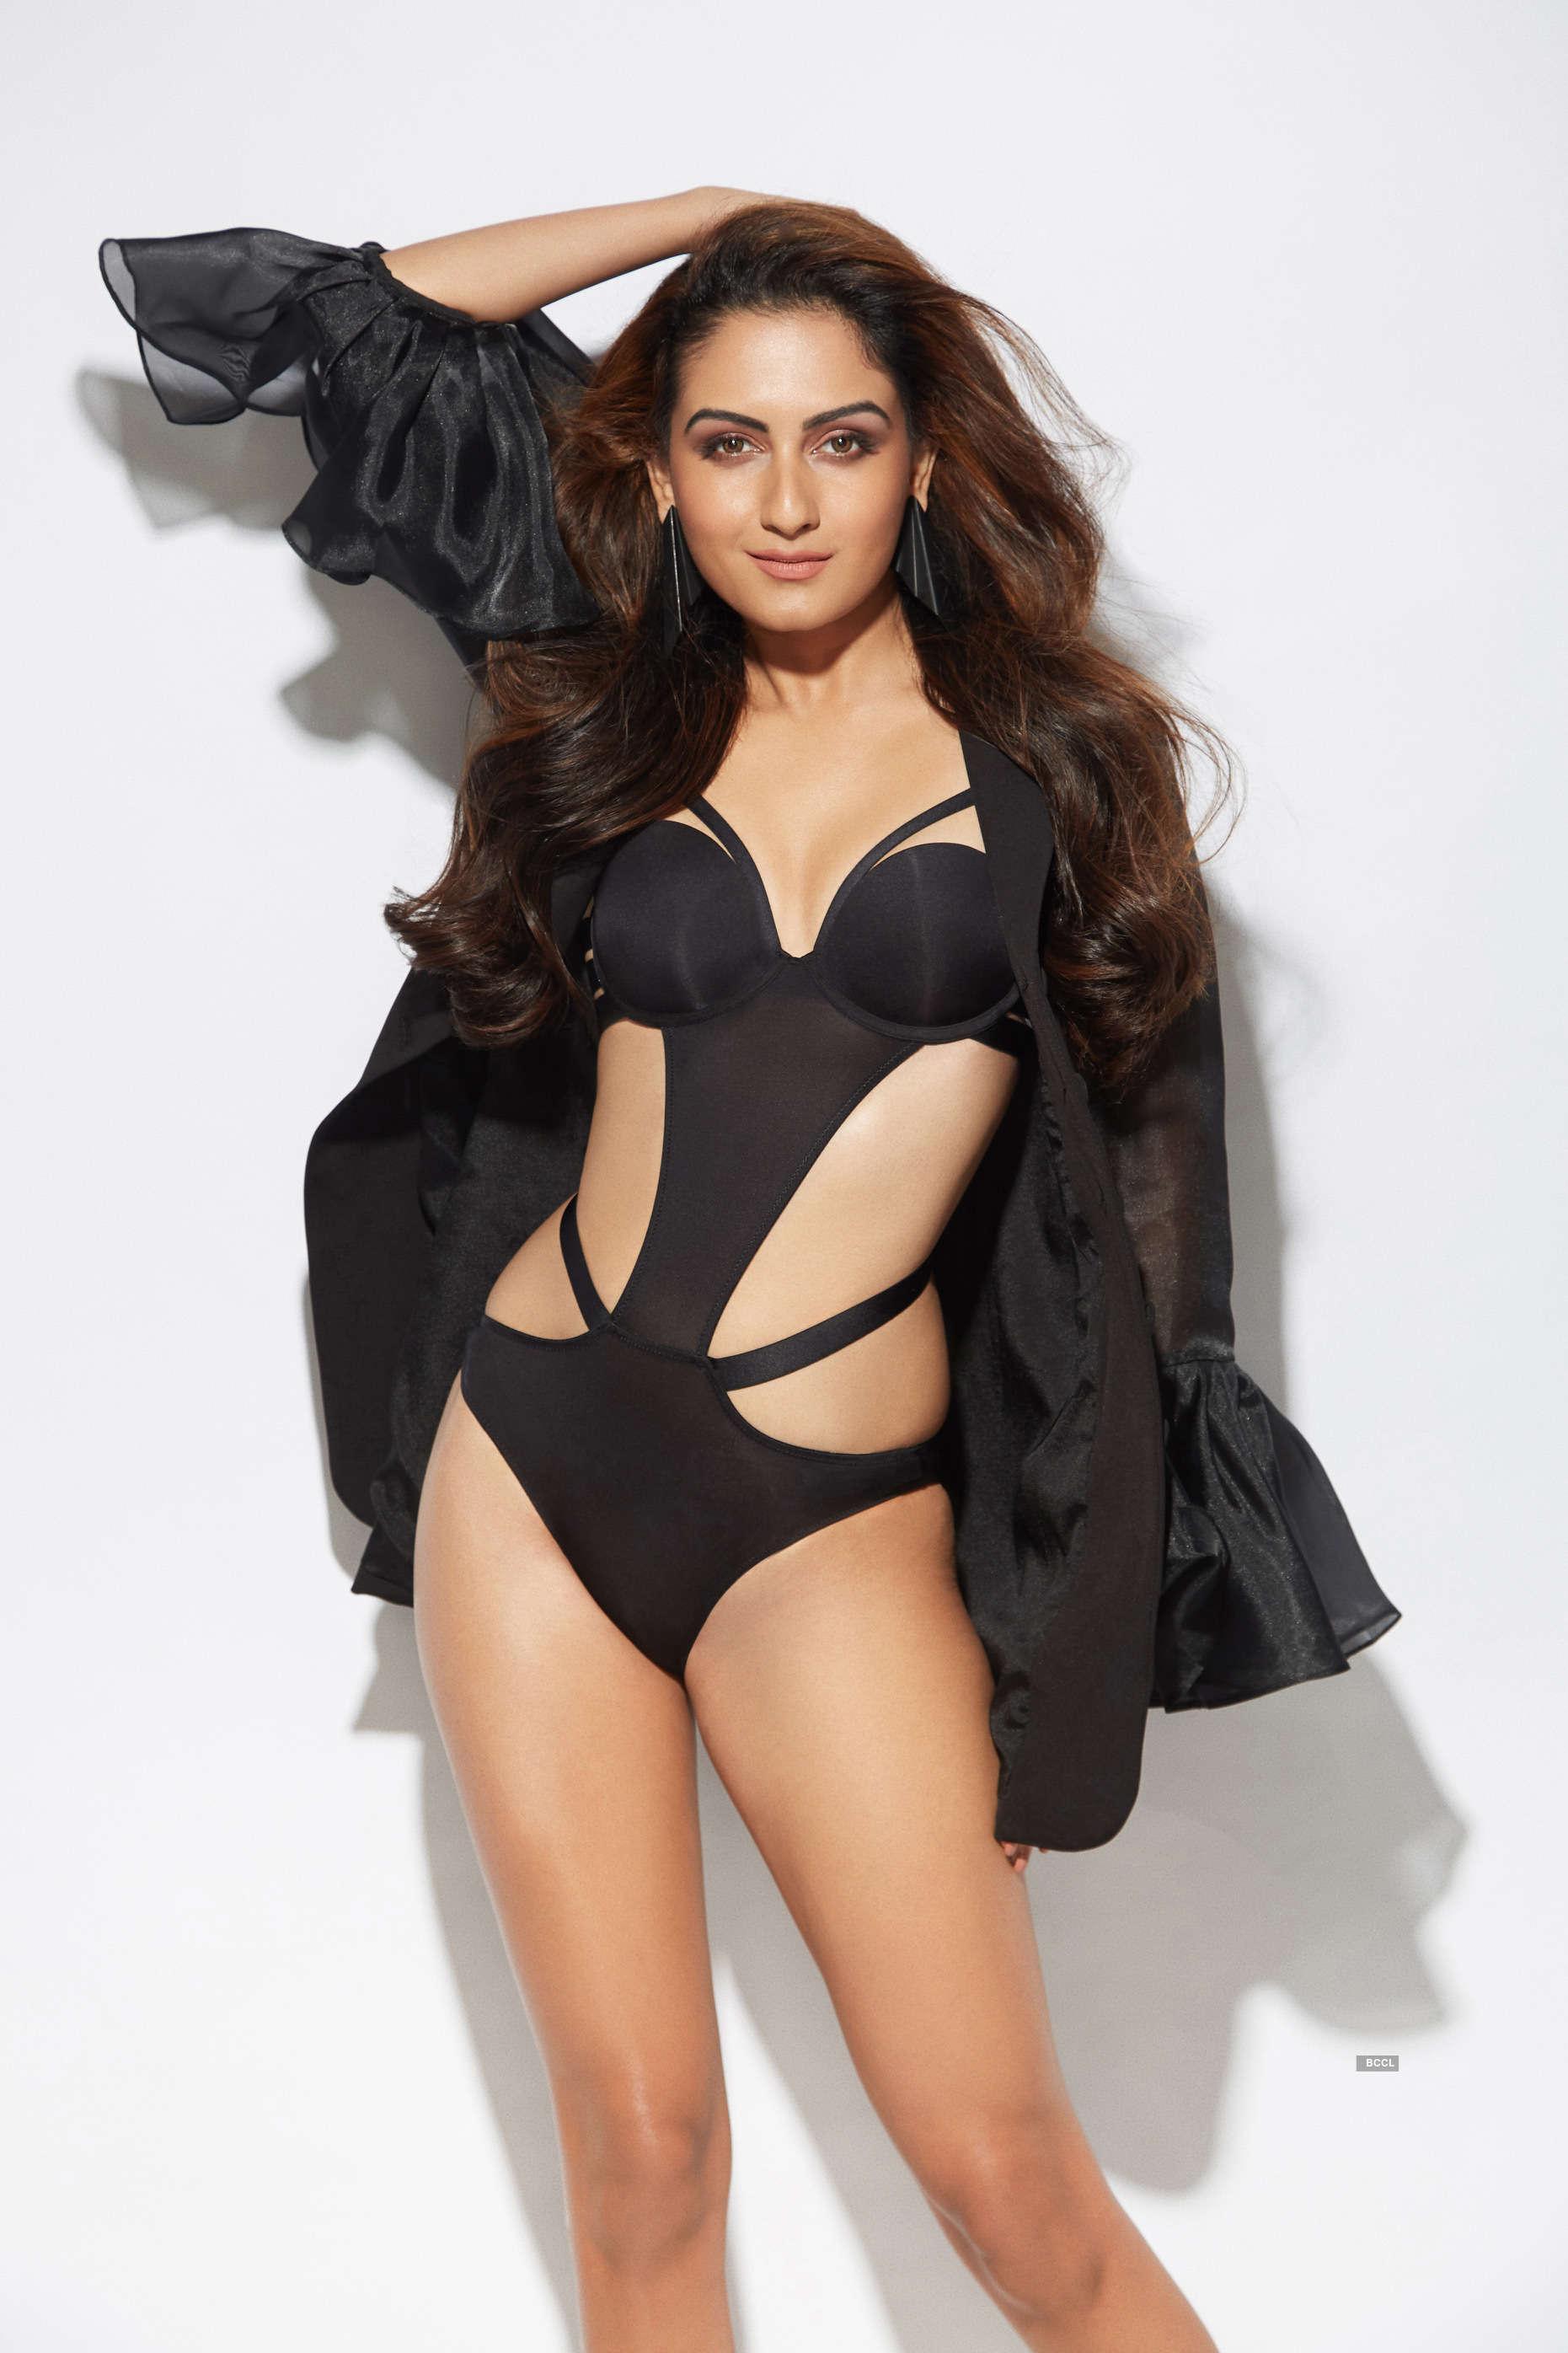 Meet the svelte Indian model, Zaara Yesmin